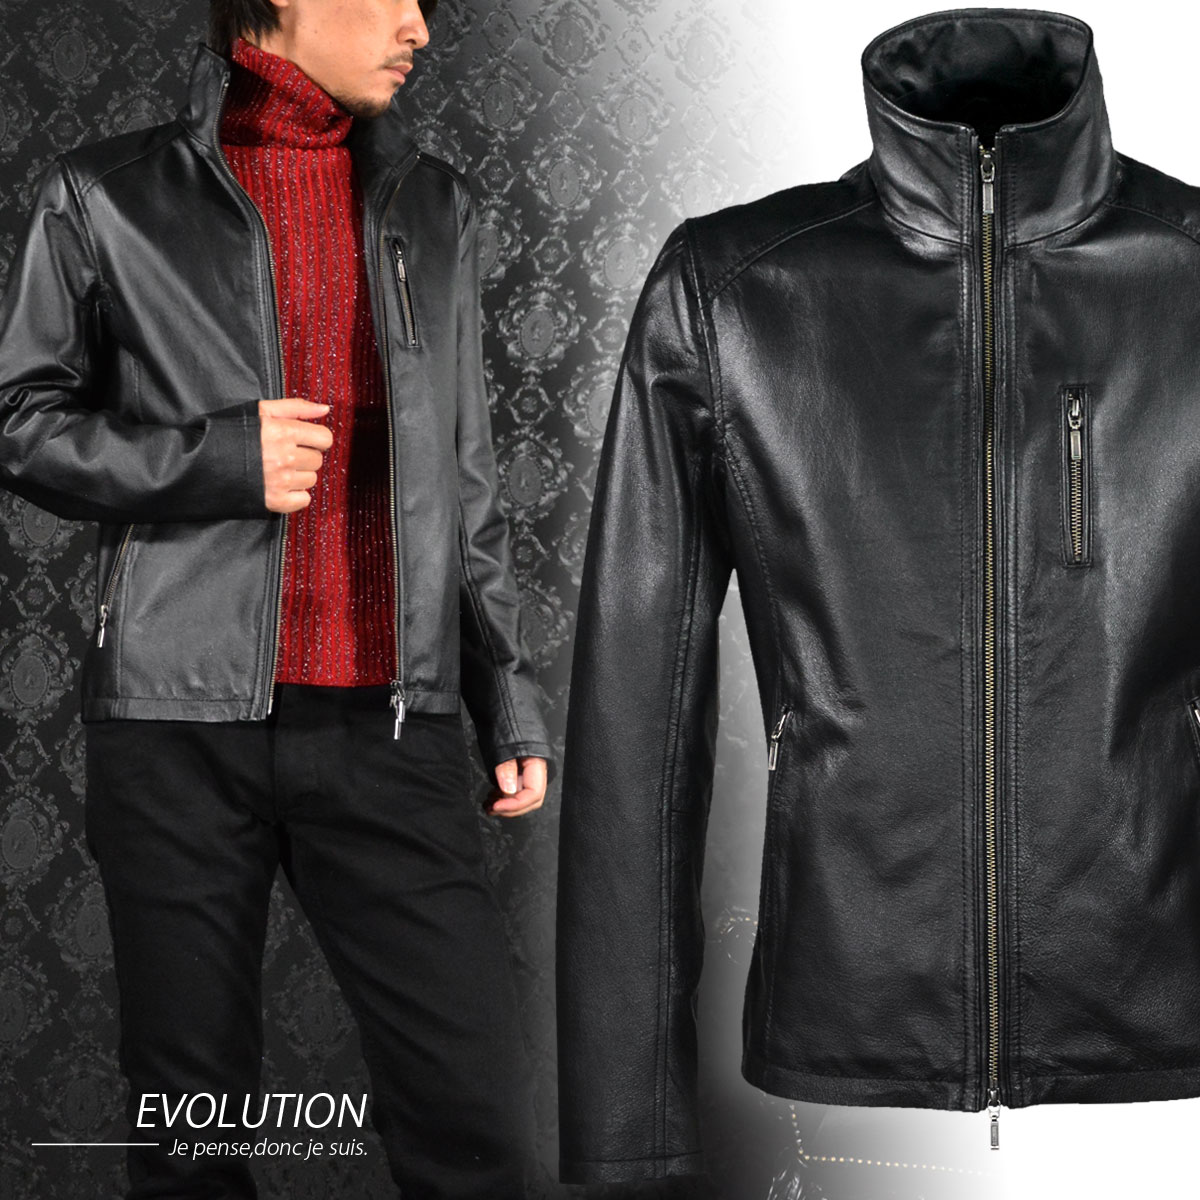 シングルライダース ピッグナッパ革 本革 リアルレザー メンズ ジャケット mens(ブラック黒) 61529